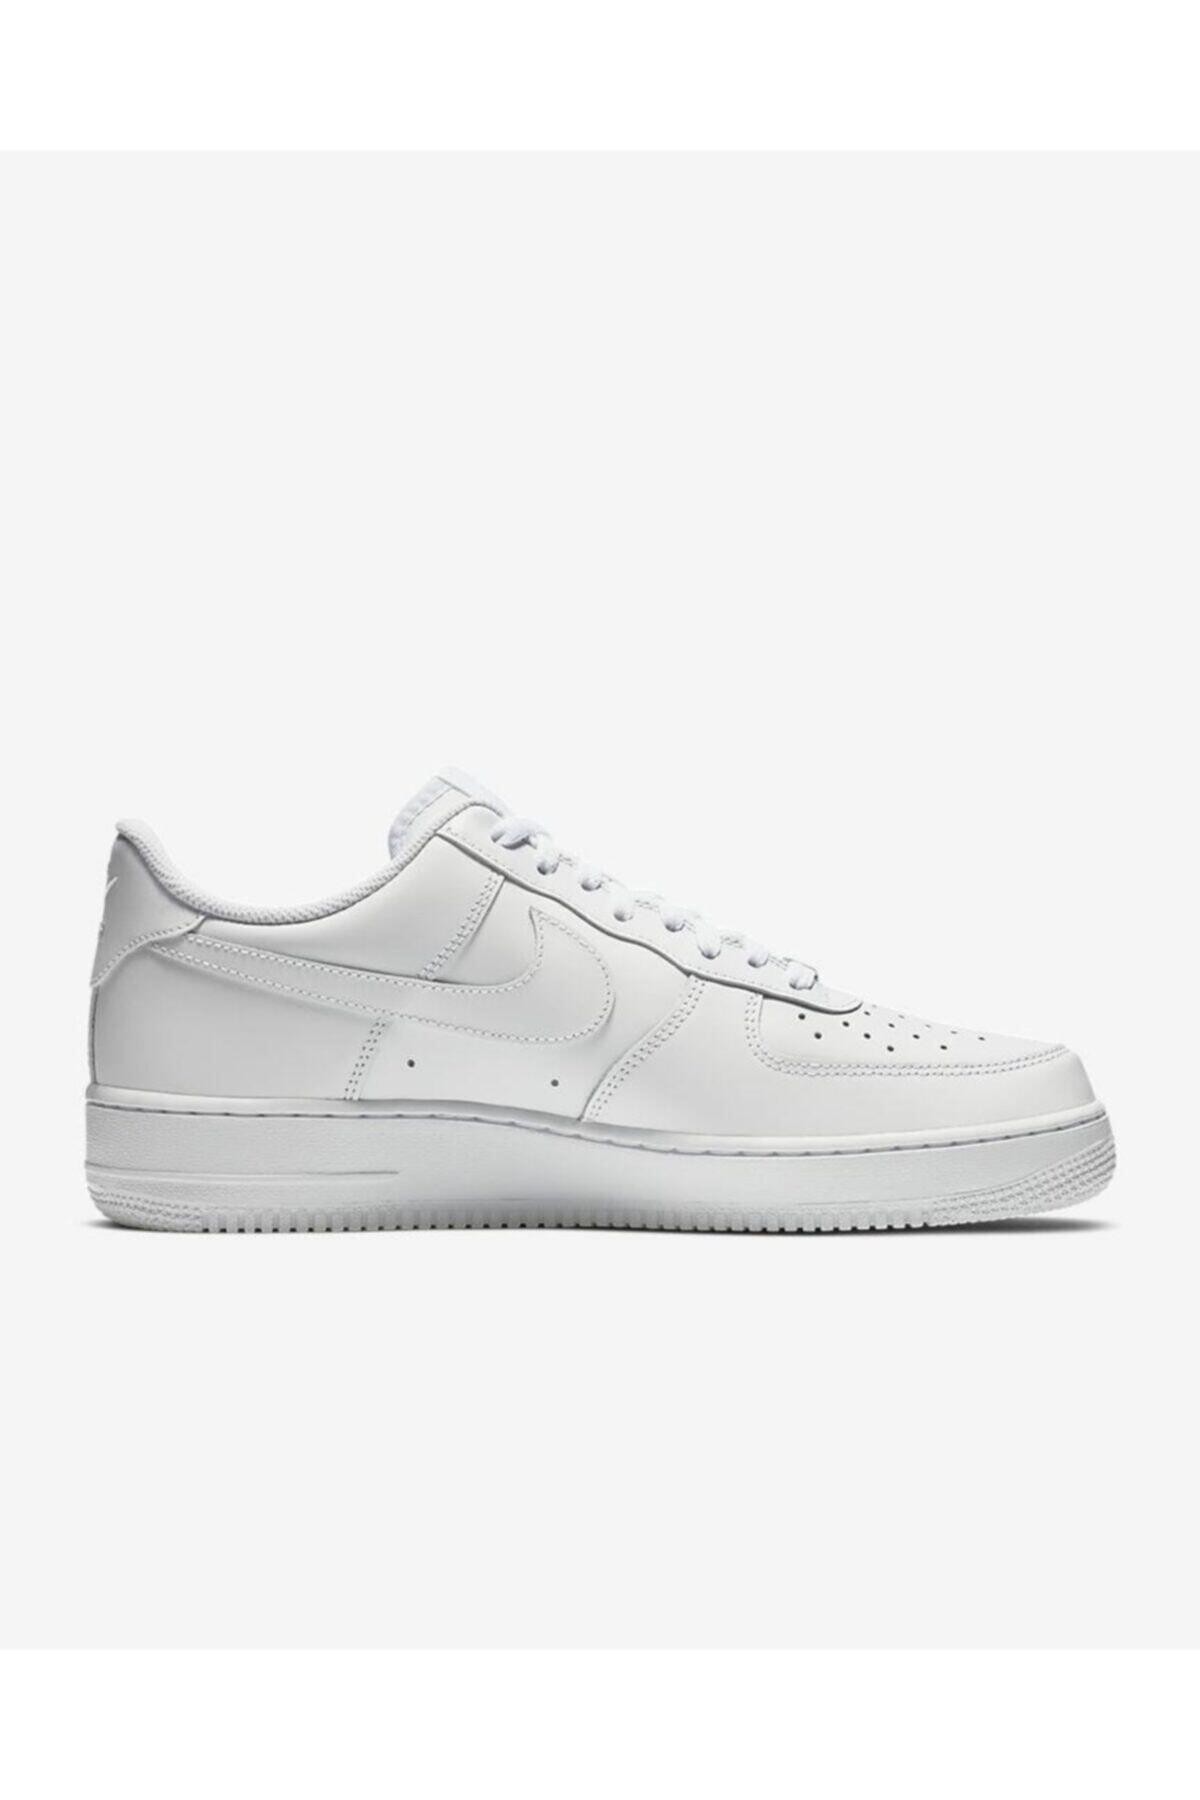 Nike Air Force 1 '07 Erkek Ayakkabısı 315122 111 1